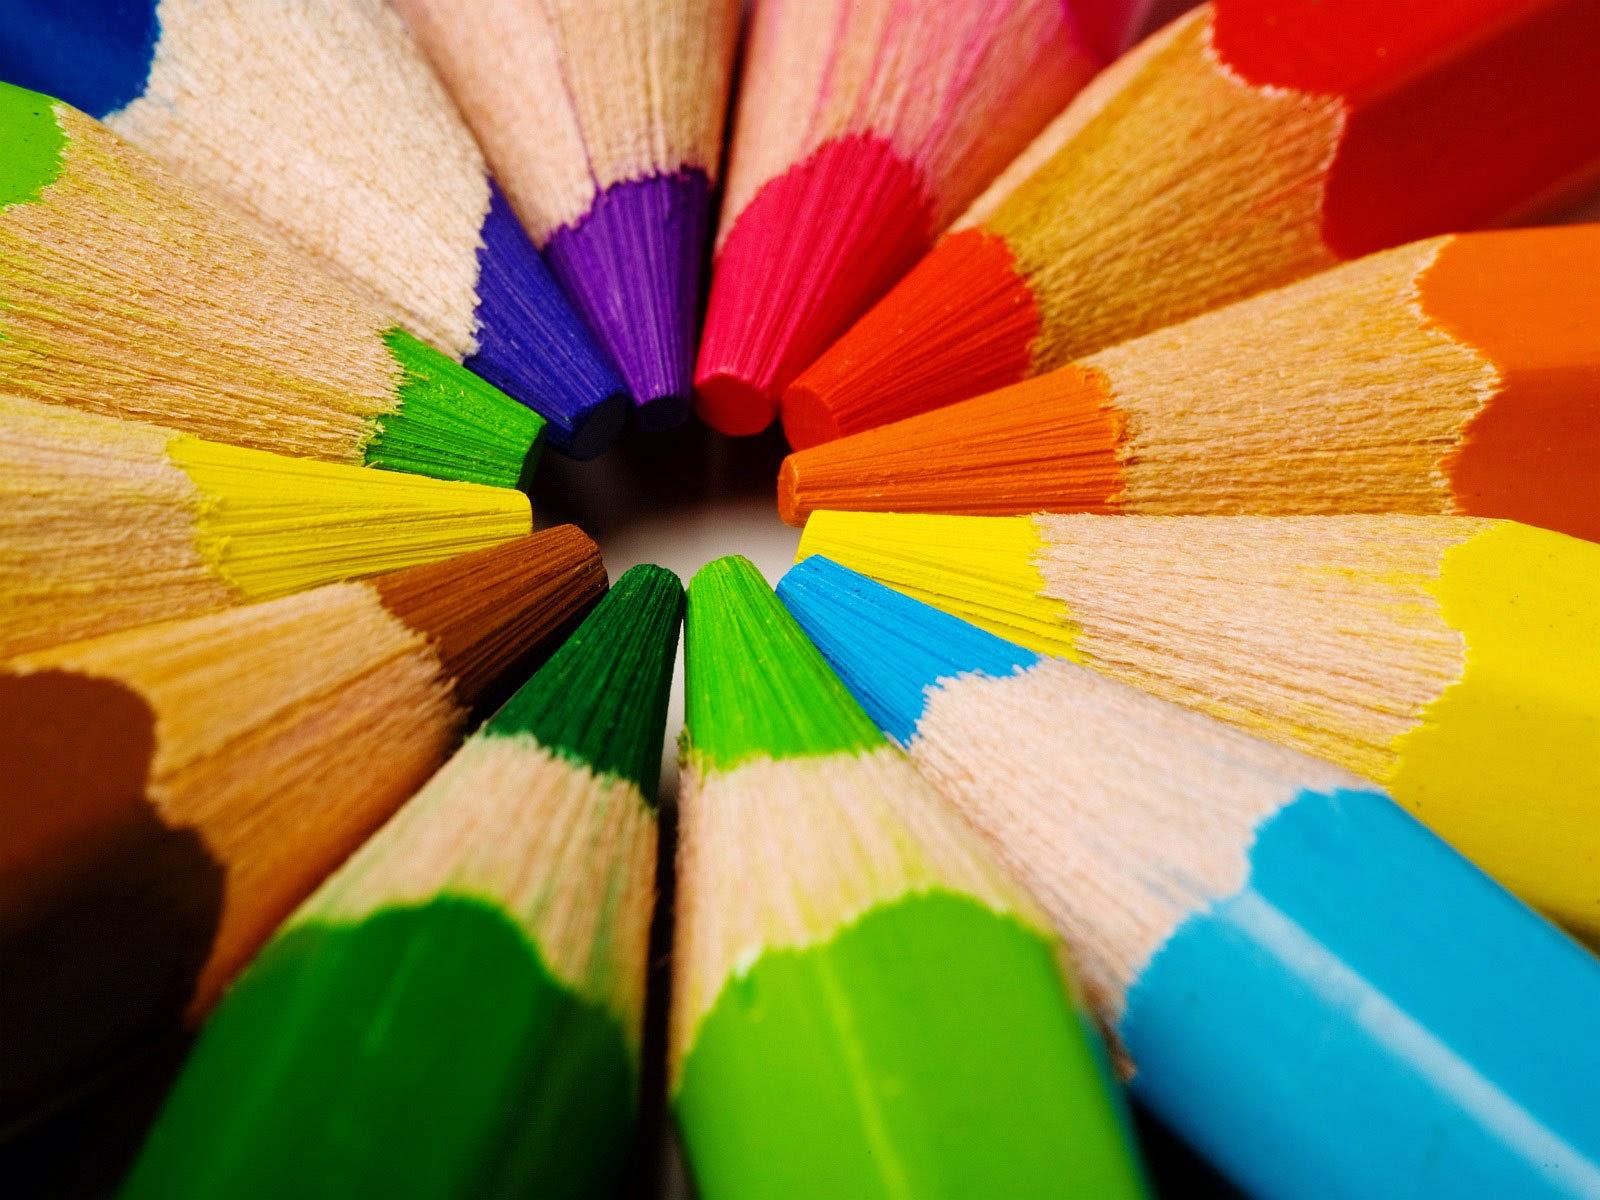 Menggambar tanpa warna itu rasanya kurang sempurna Jika kamu sudah biasa menggambar hitam putih di atas kertas dan kamu merasa puas dan sekarang coba dulu